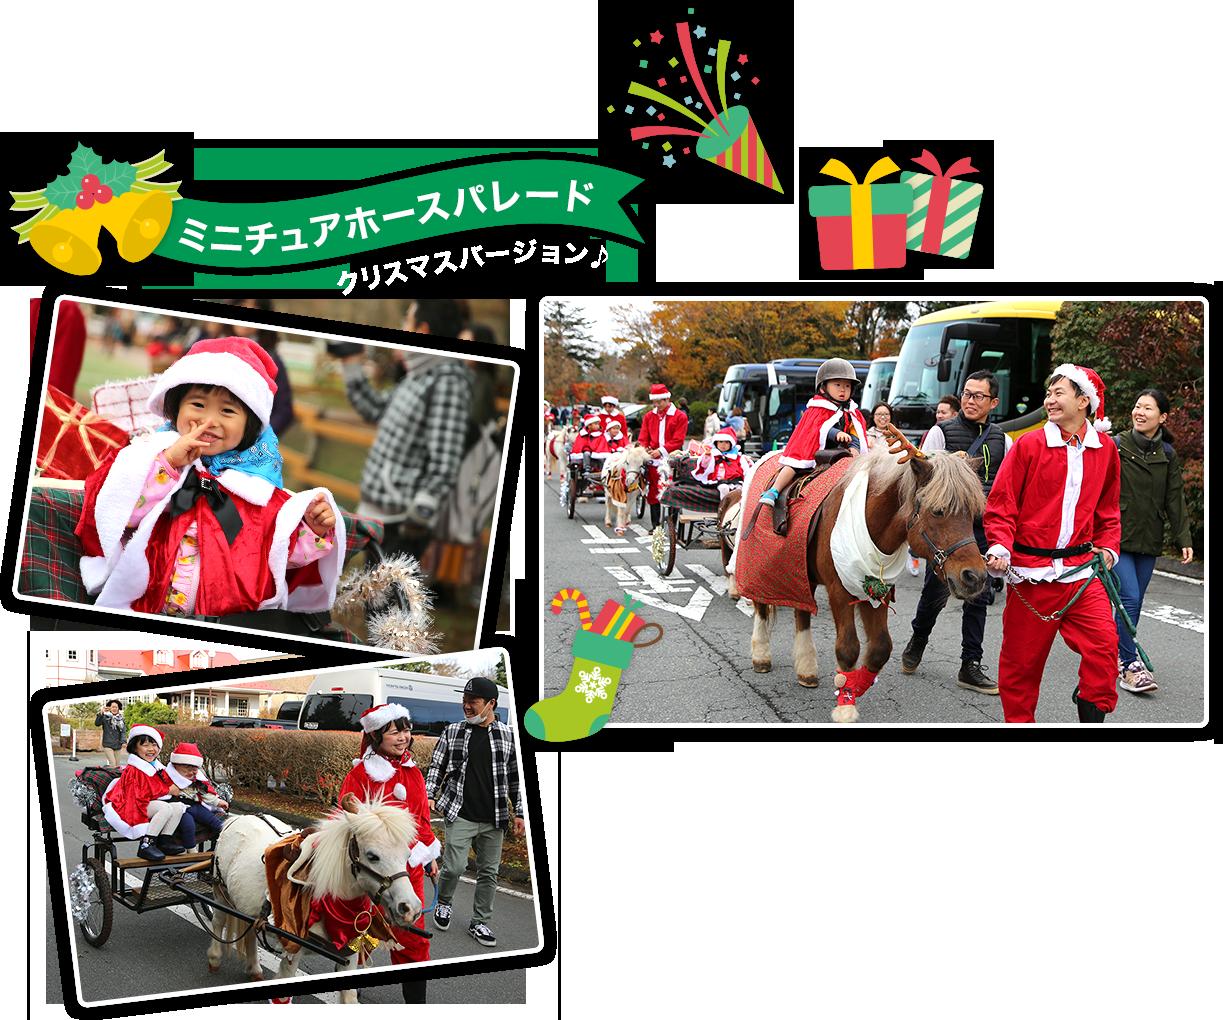 ミニチュアホースパレード クリスマスバージョン♪